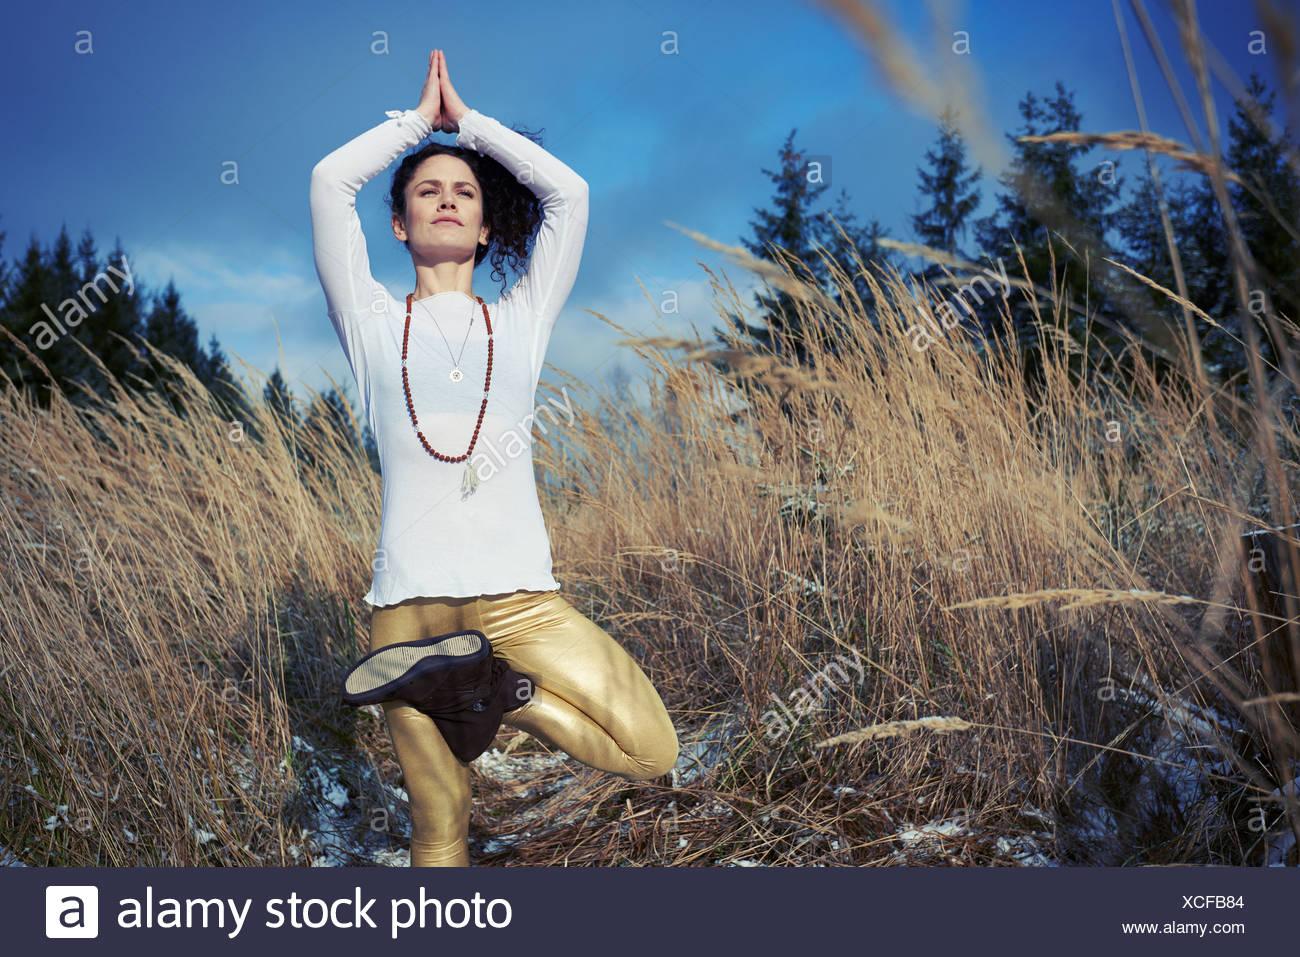 Mid adult woman doing yoga l'arbre sur pied en forêt Photo Stock